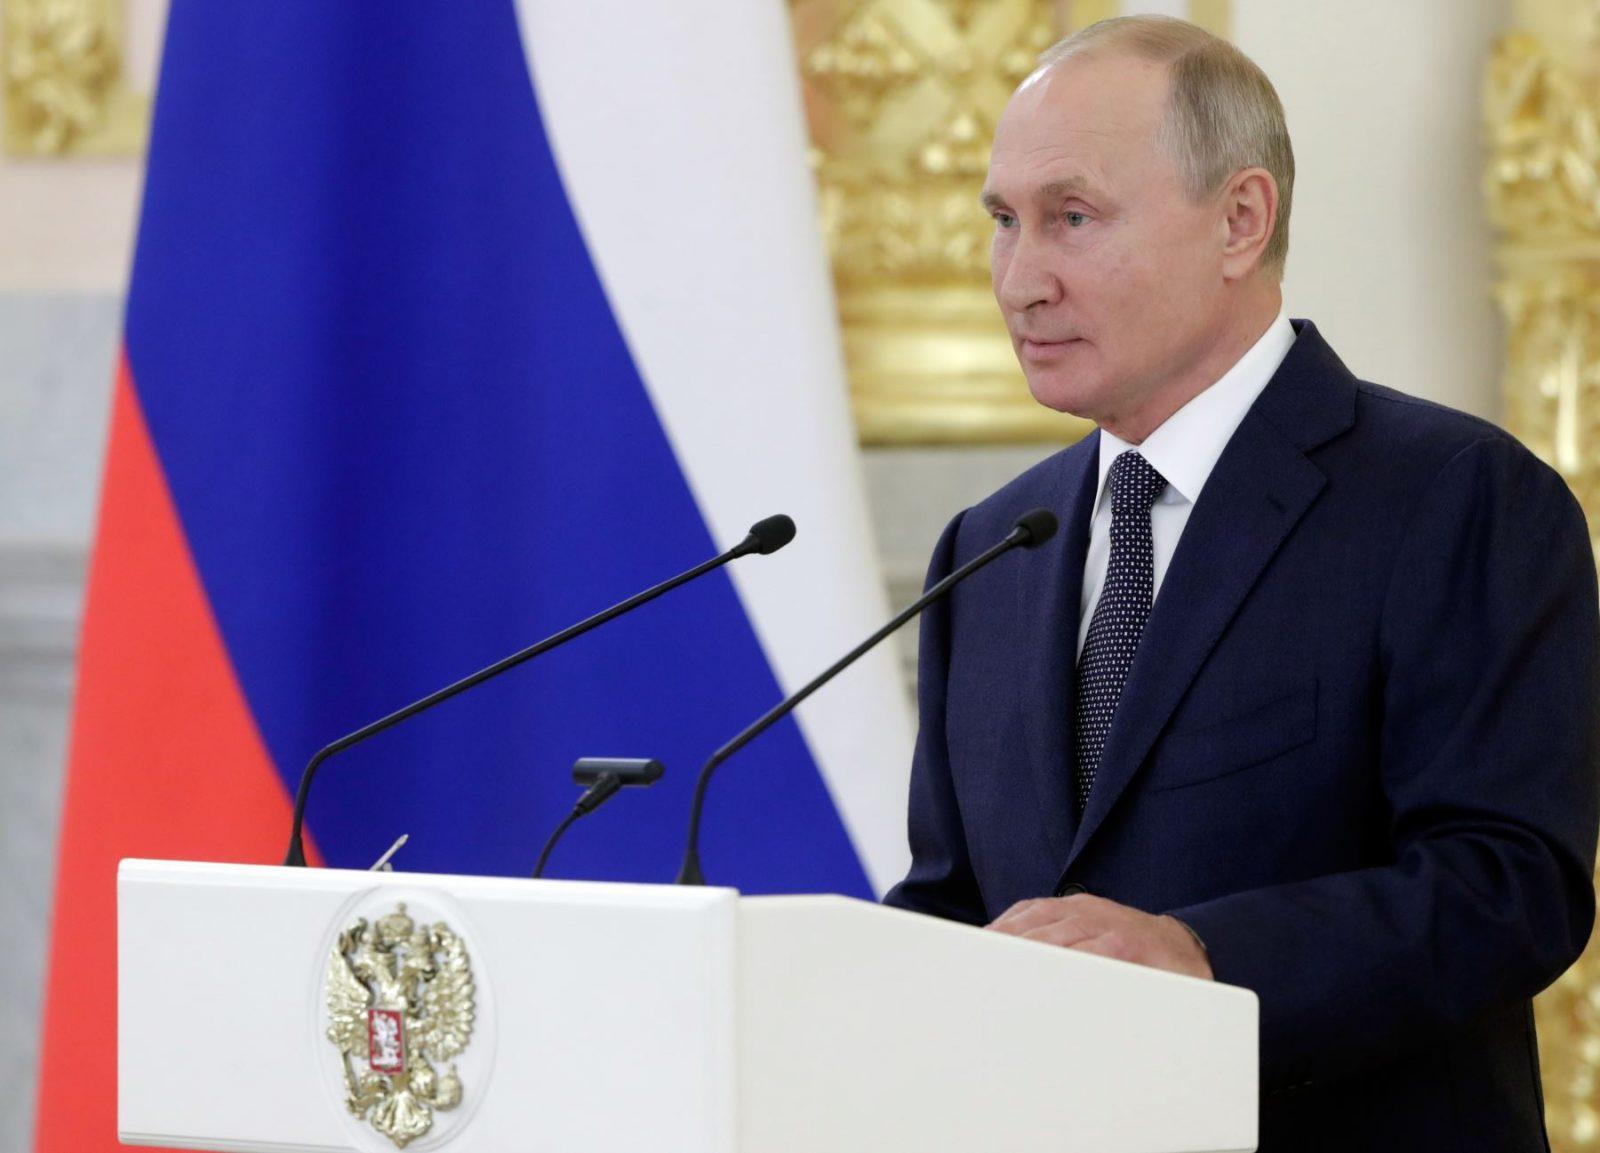 El canciller japonés habló sobre el plan de Putin para las Islas Kuriles